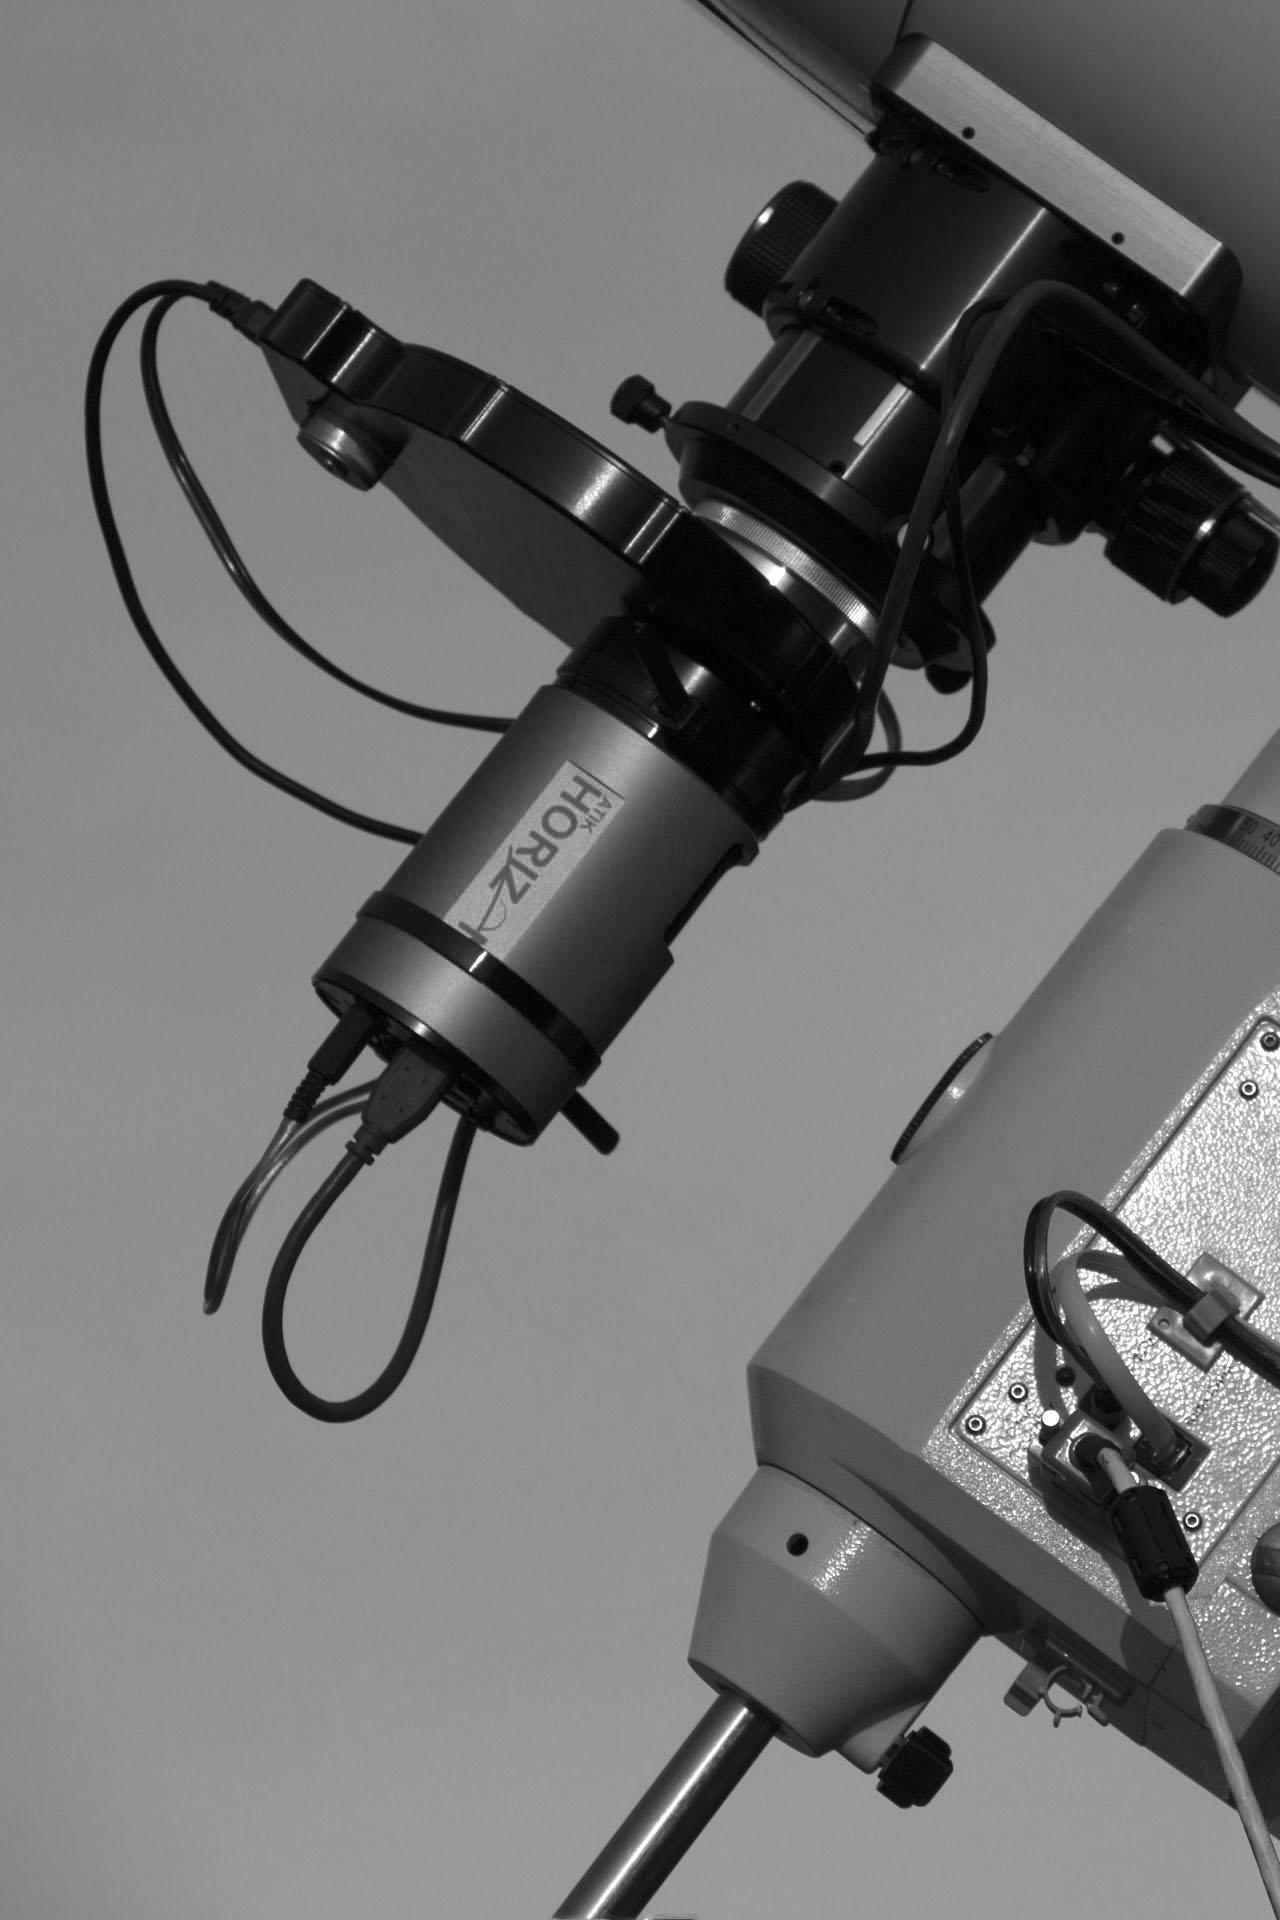 ATIK Horizon hűtött CMOS kamera - ATIK EFW2 motoros szűrőváltó - Astronomik szűrősor